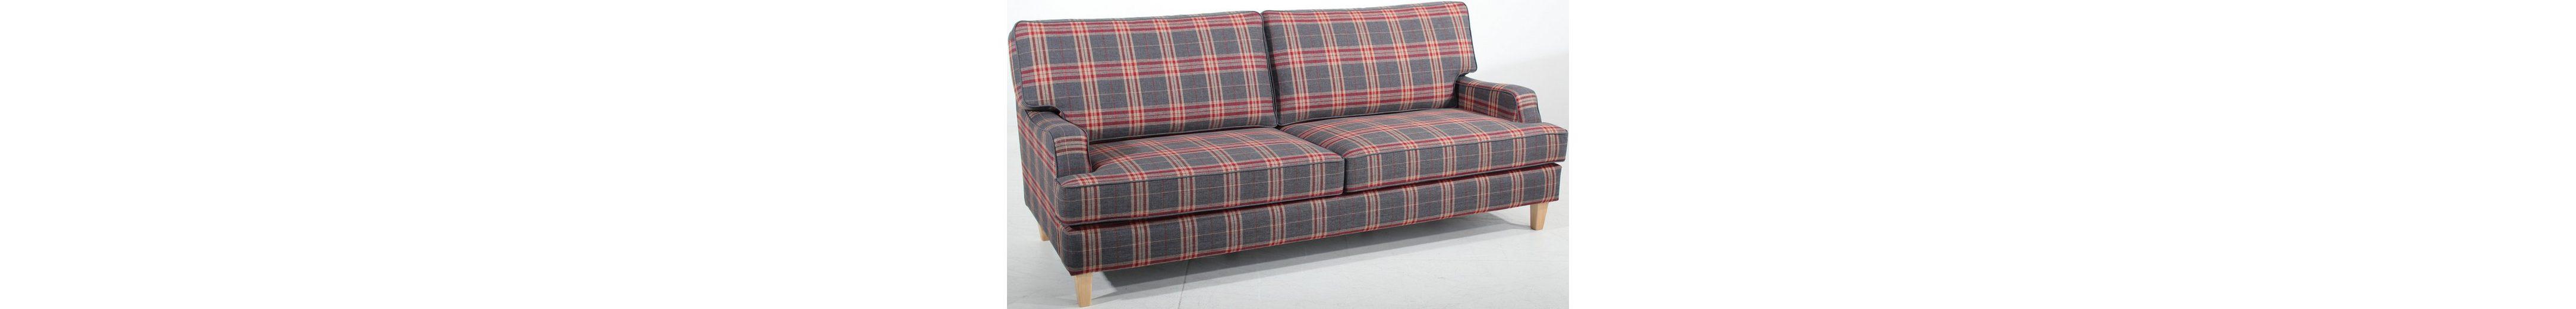 Max Winzer® 3-Sitzer Sofa »Penny«, in stylischem Karodesign